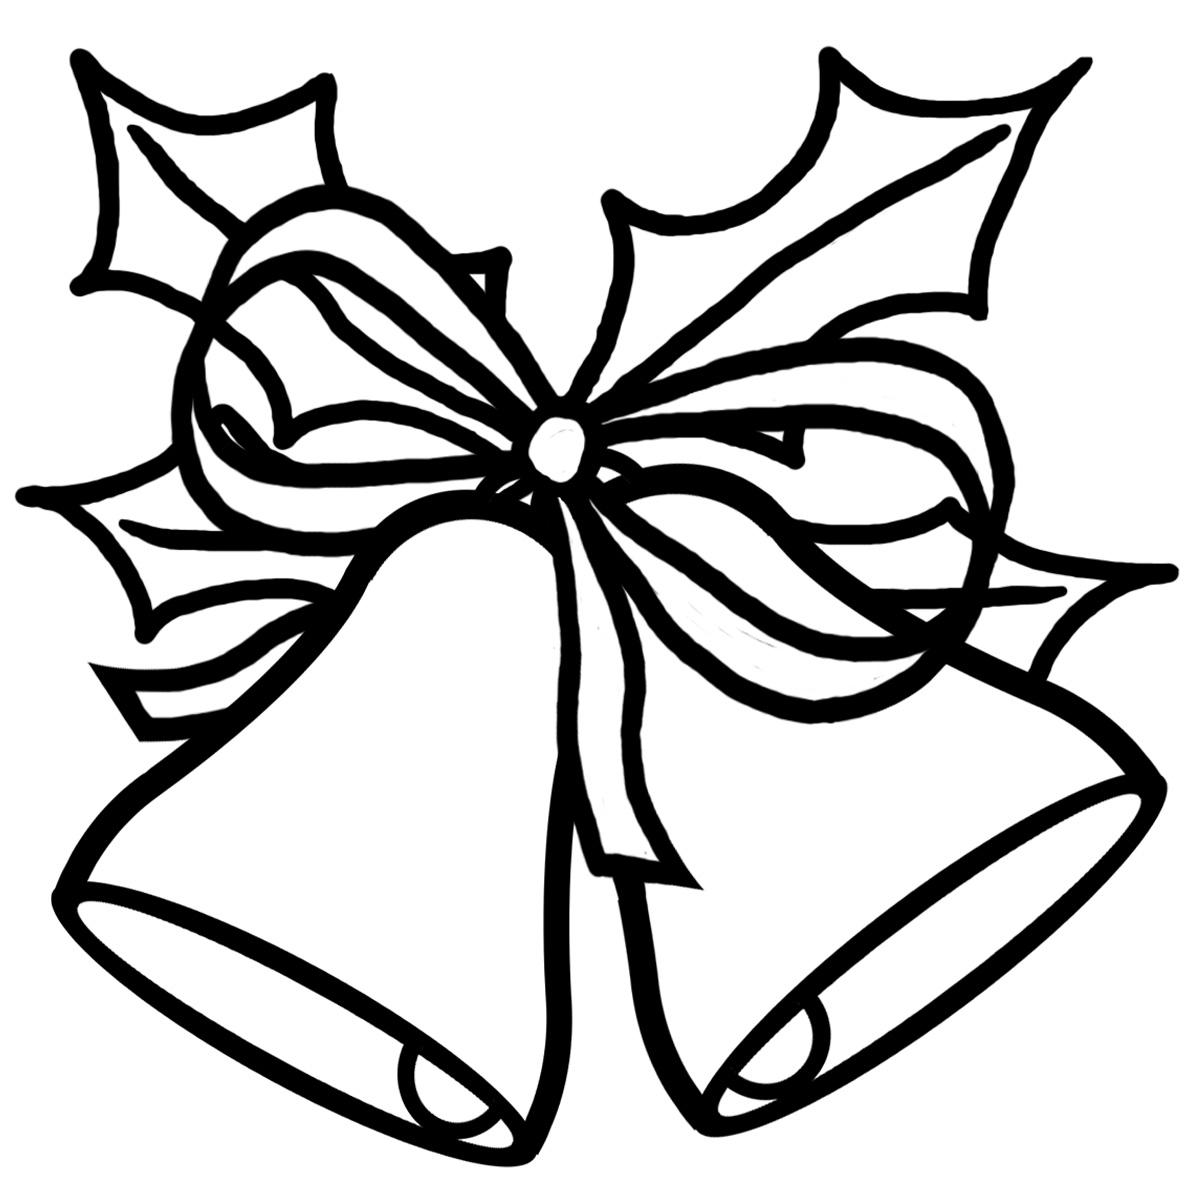 ... Jingle Bells Black And White Clipart-... Jingle Bells Black And White Clipart ...-16